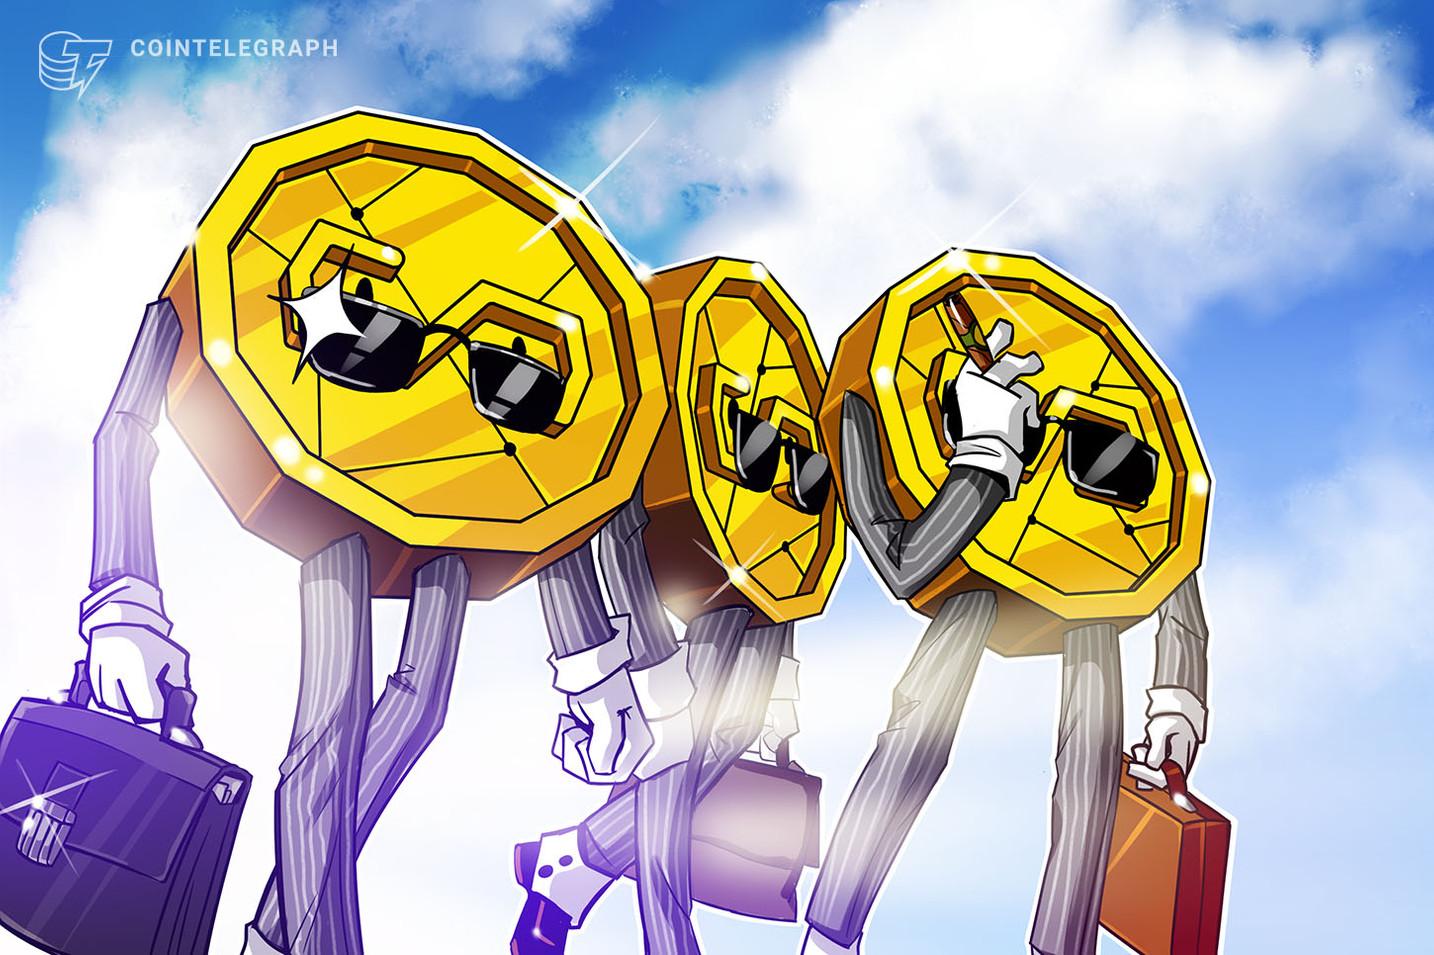 Οι χρηματοοικονομικοί οργανισμοί των ΗΠΑ θα συναντηθούν για να συζητήσουν τον μελλοντικό αντίκτυπο των stablecoins